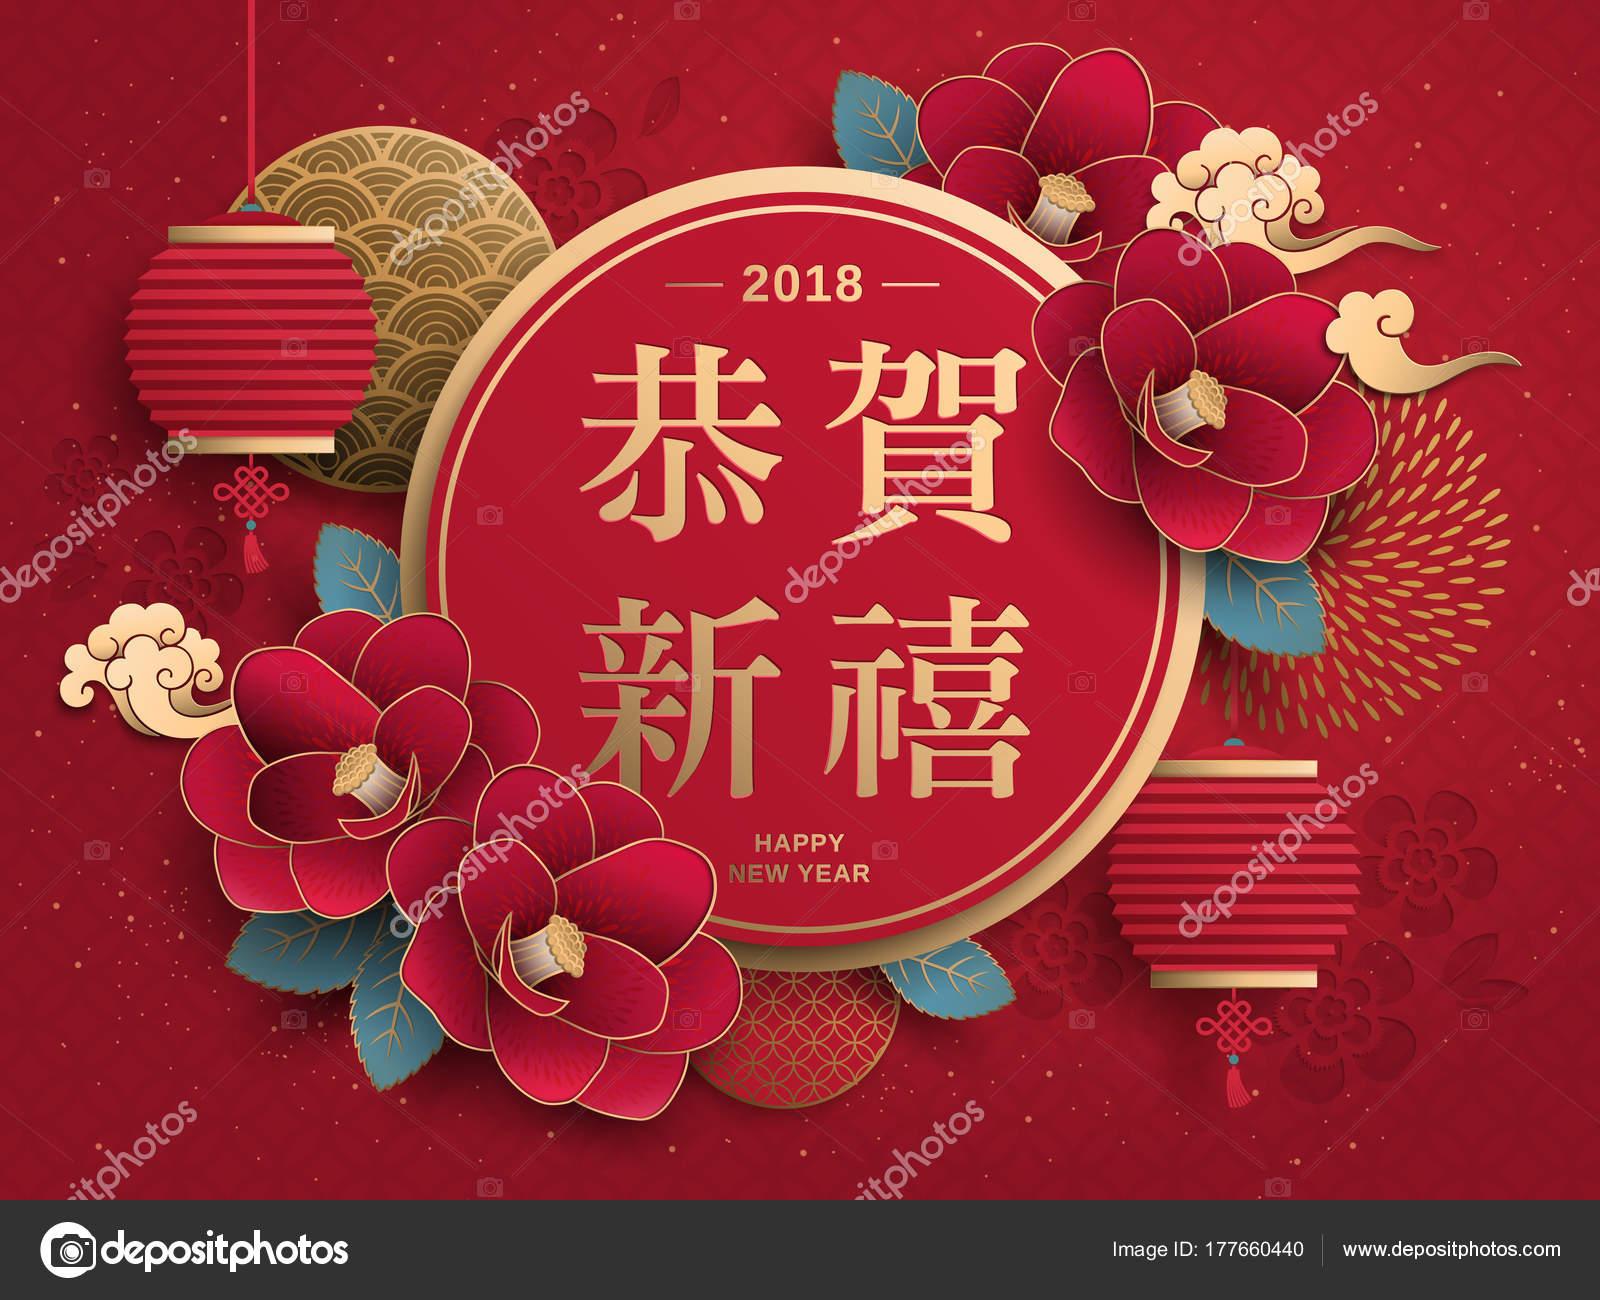 Chinesisches Neujahr-design — Stockvektor © kchungtw #177660440